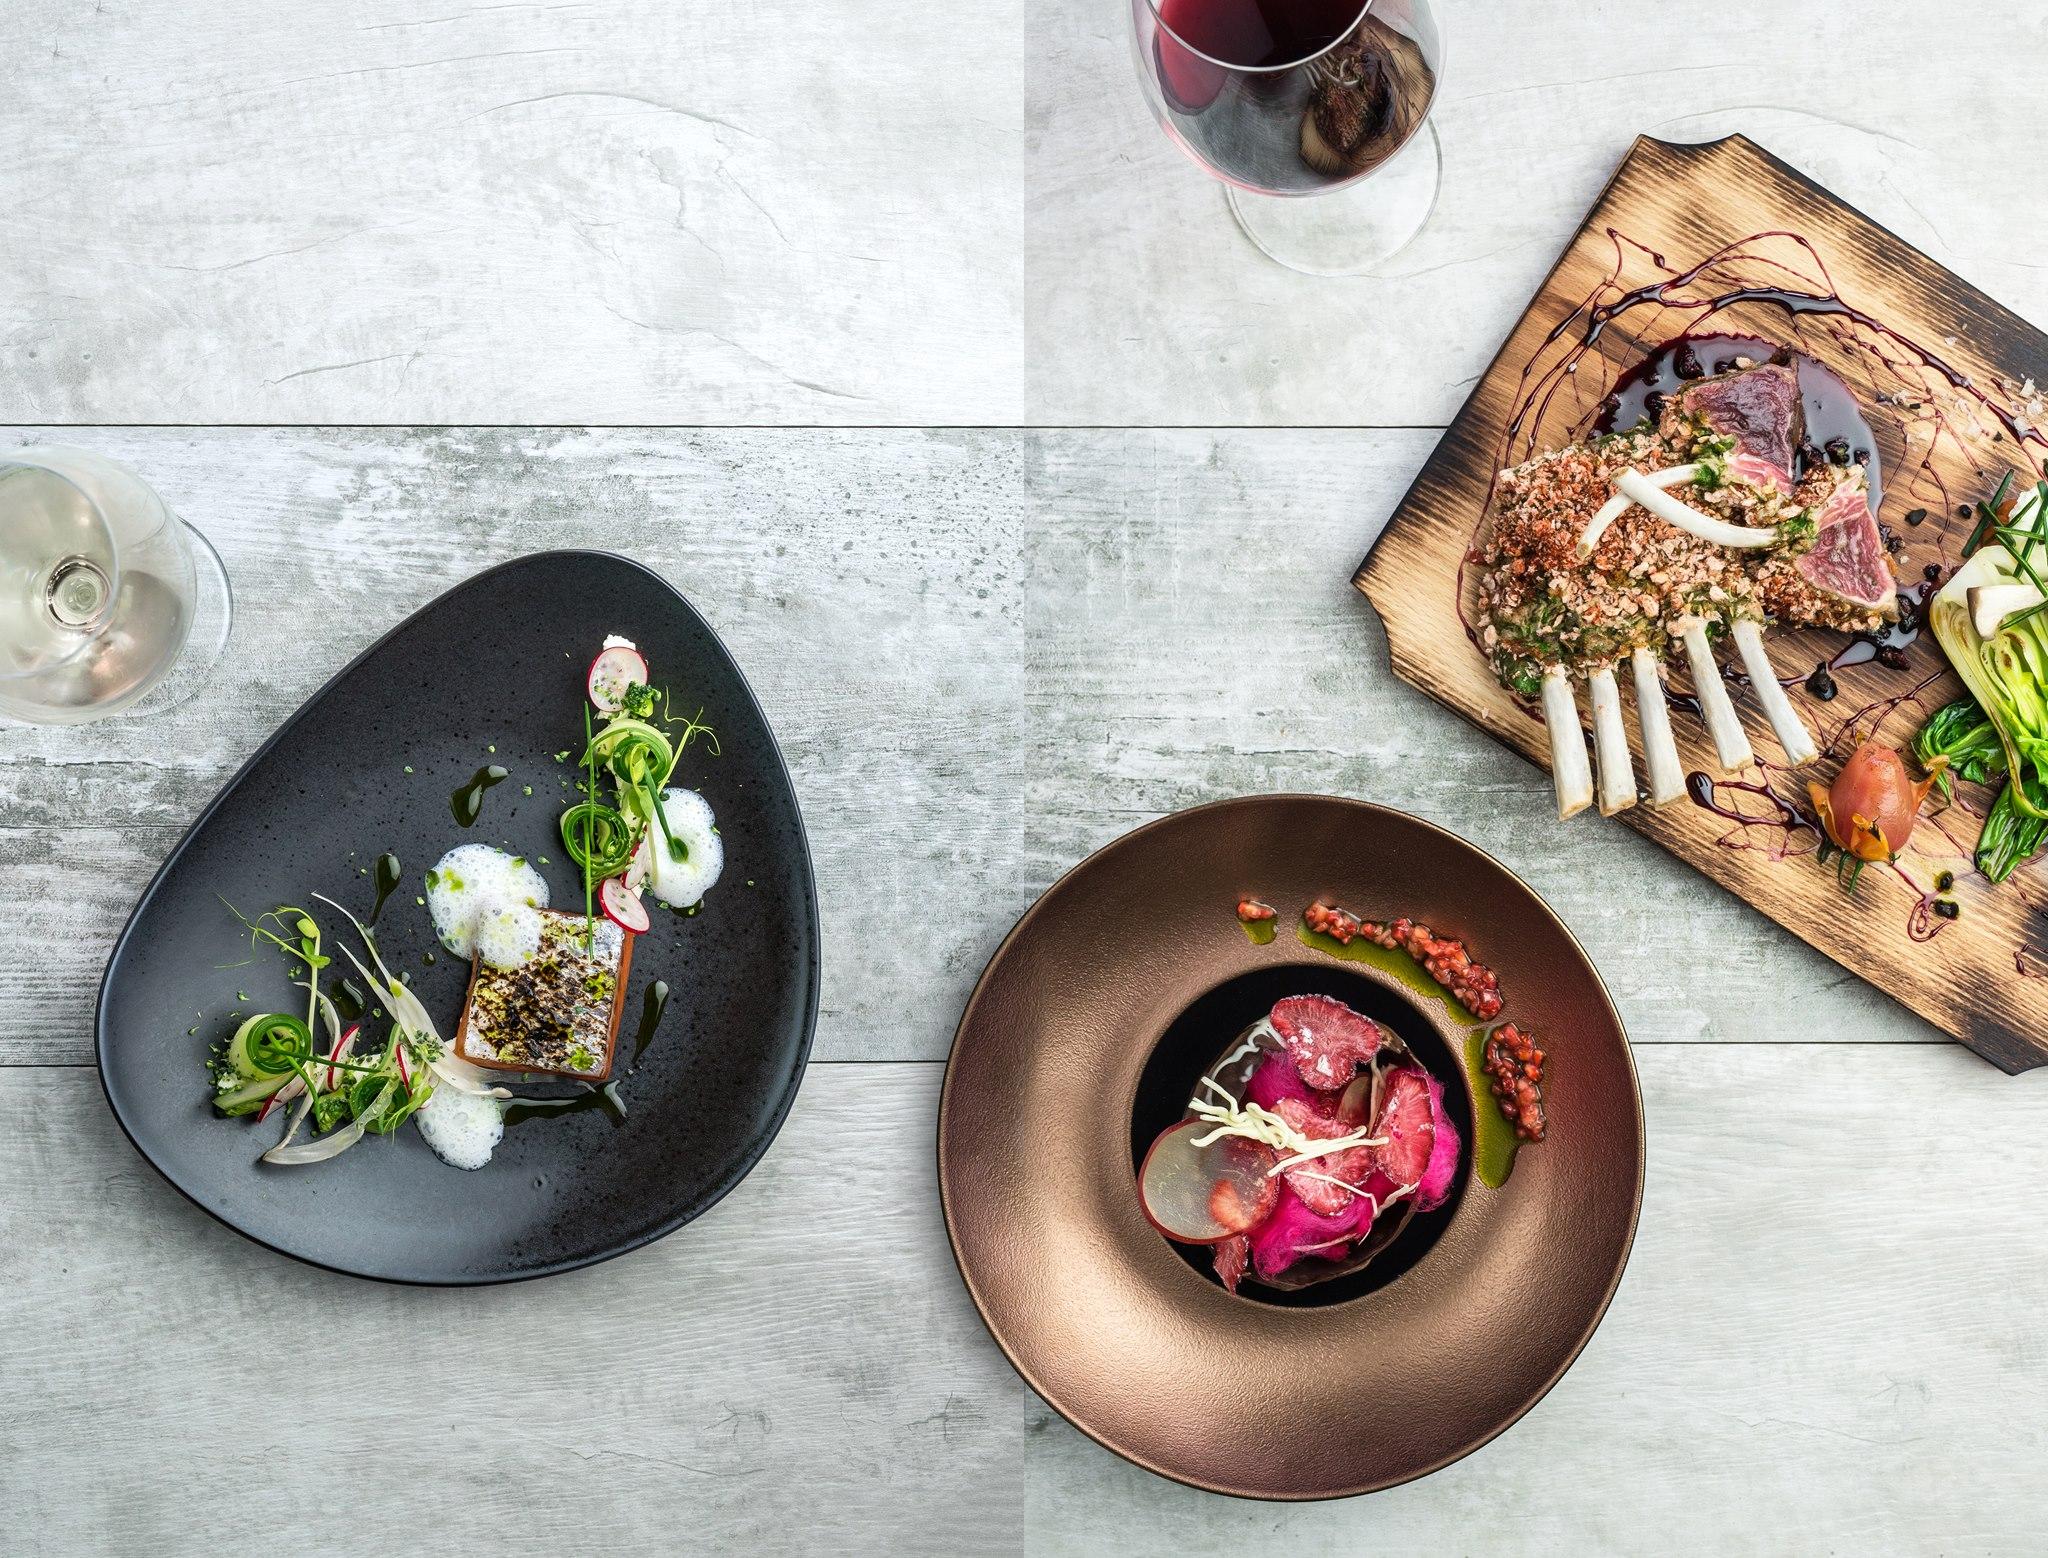 A Mátra csúcsa: Slow Food ételek a Bori Mami étteremben